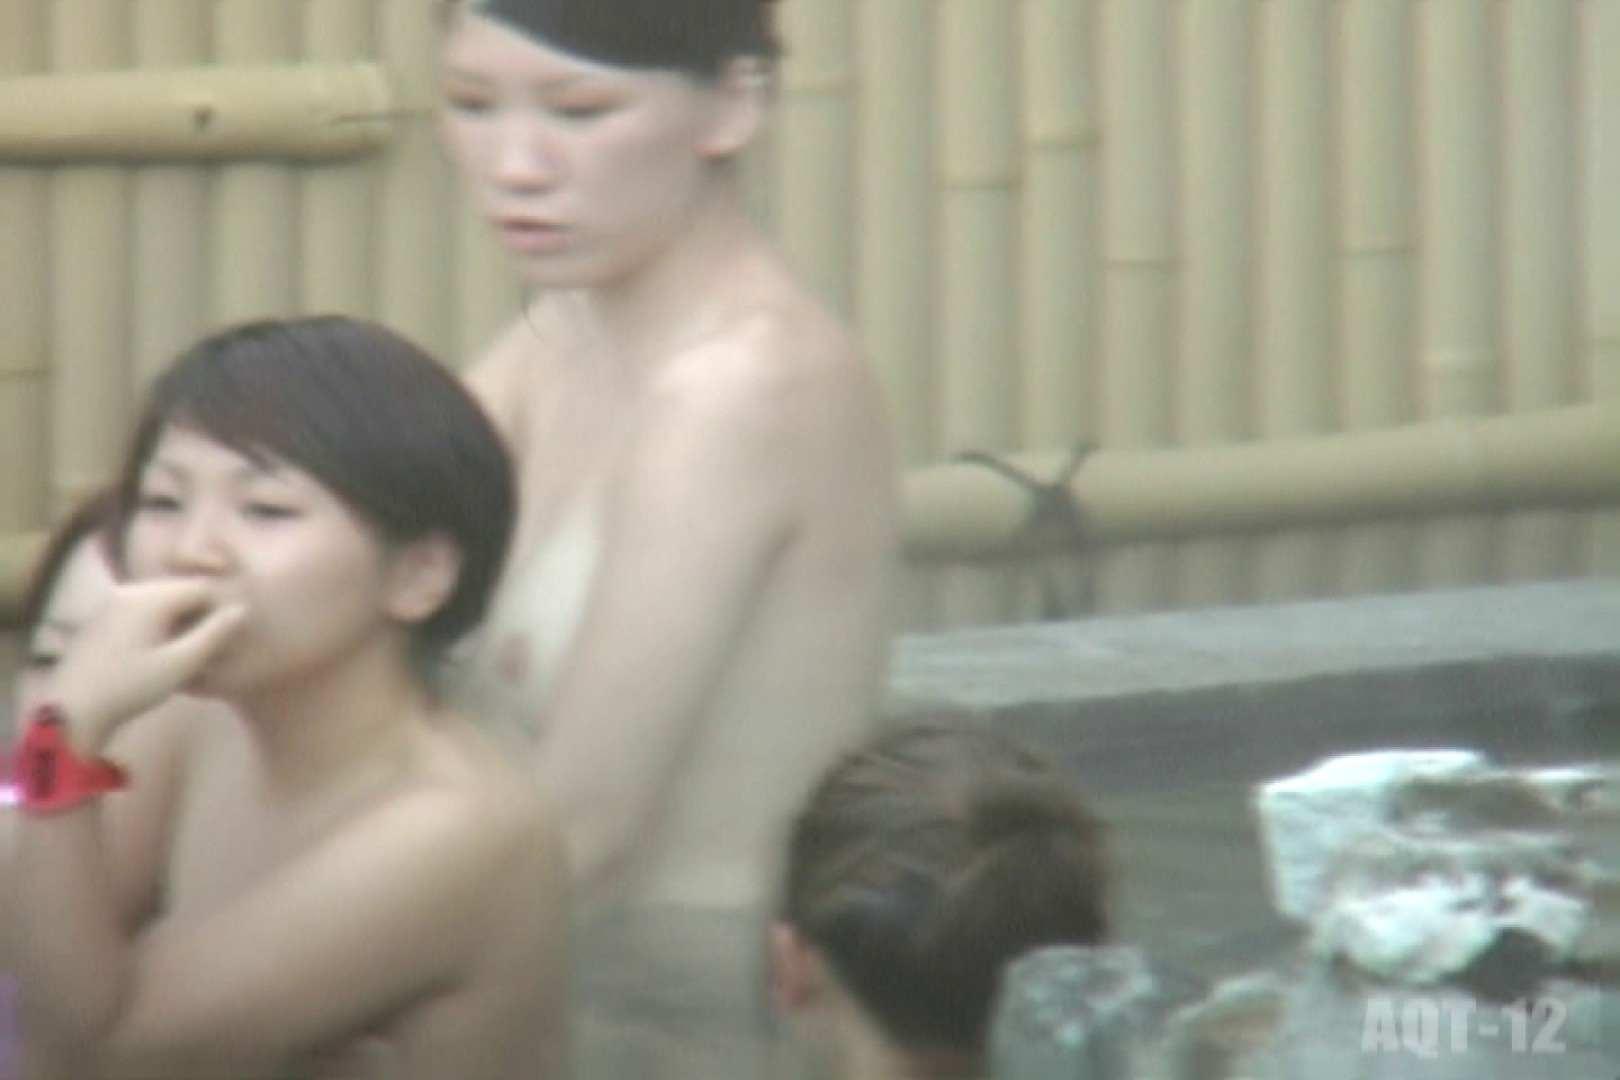 Aquaな露天風呂Vol.805 OL女体   女体盗撮  53連発 22